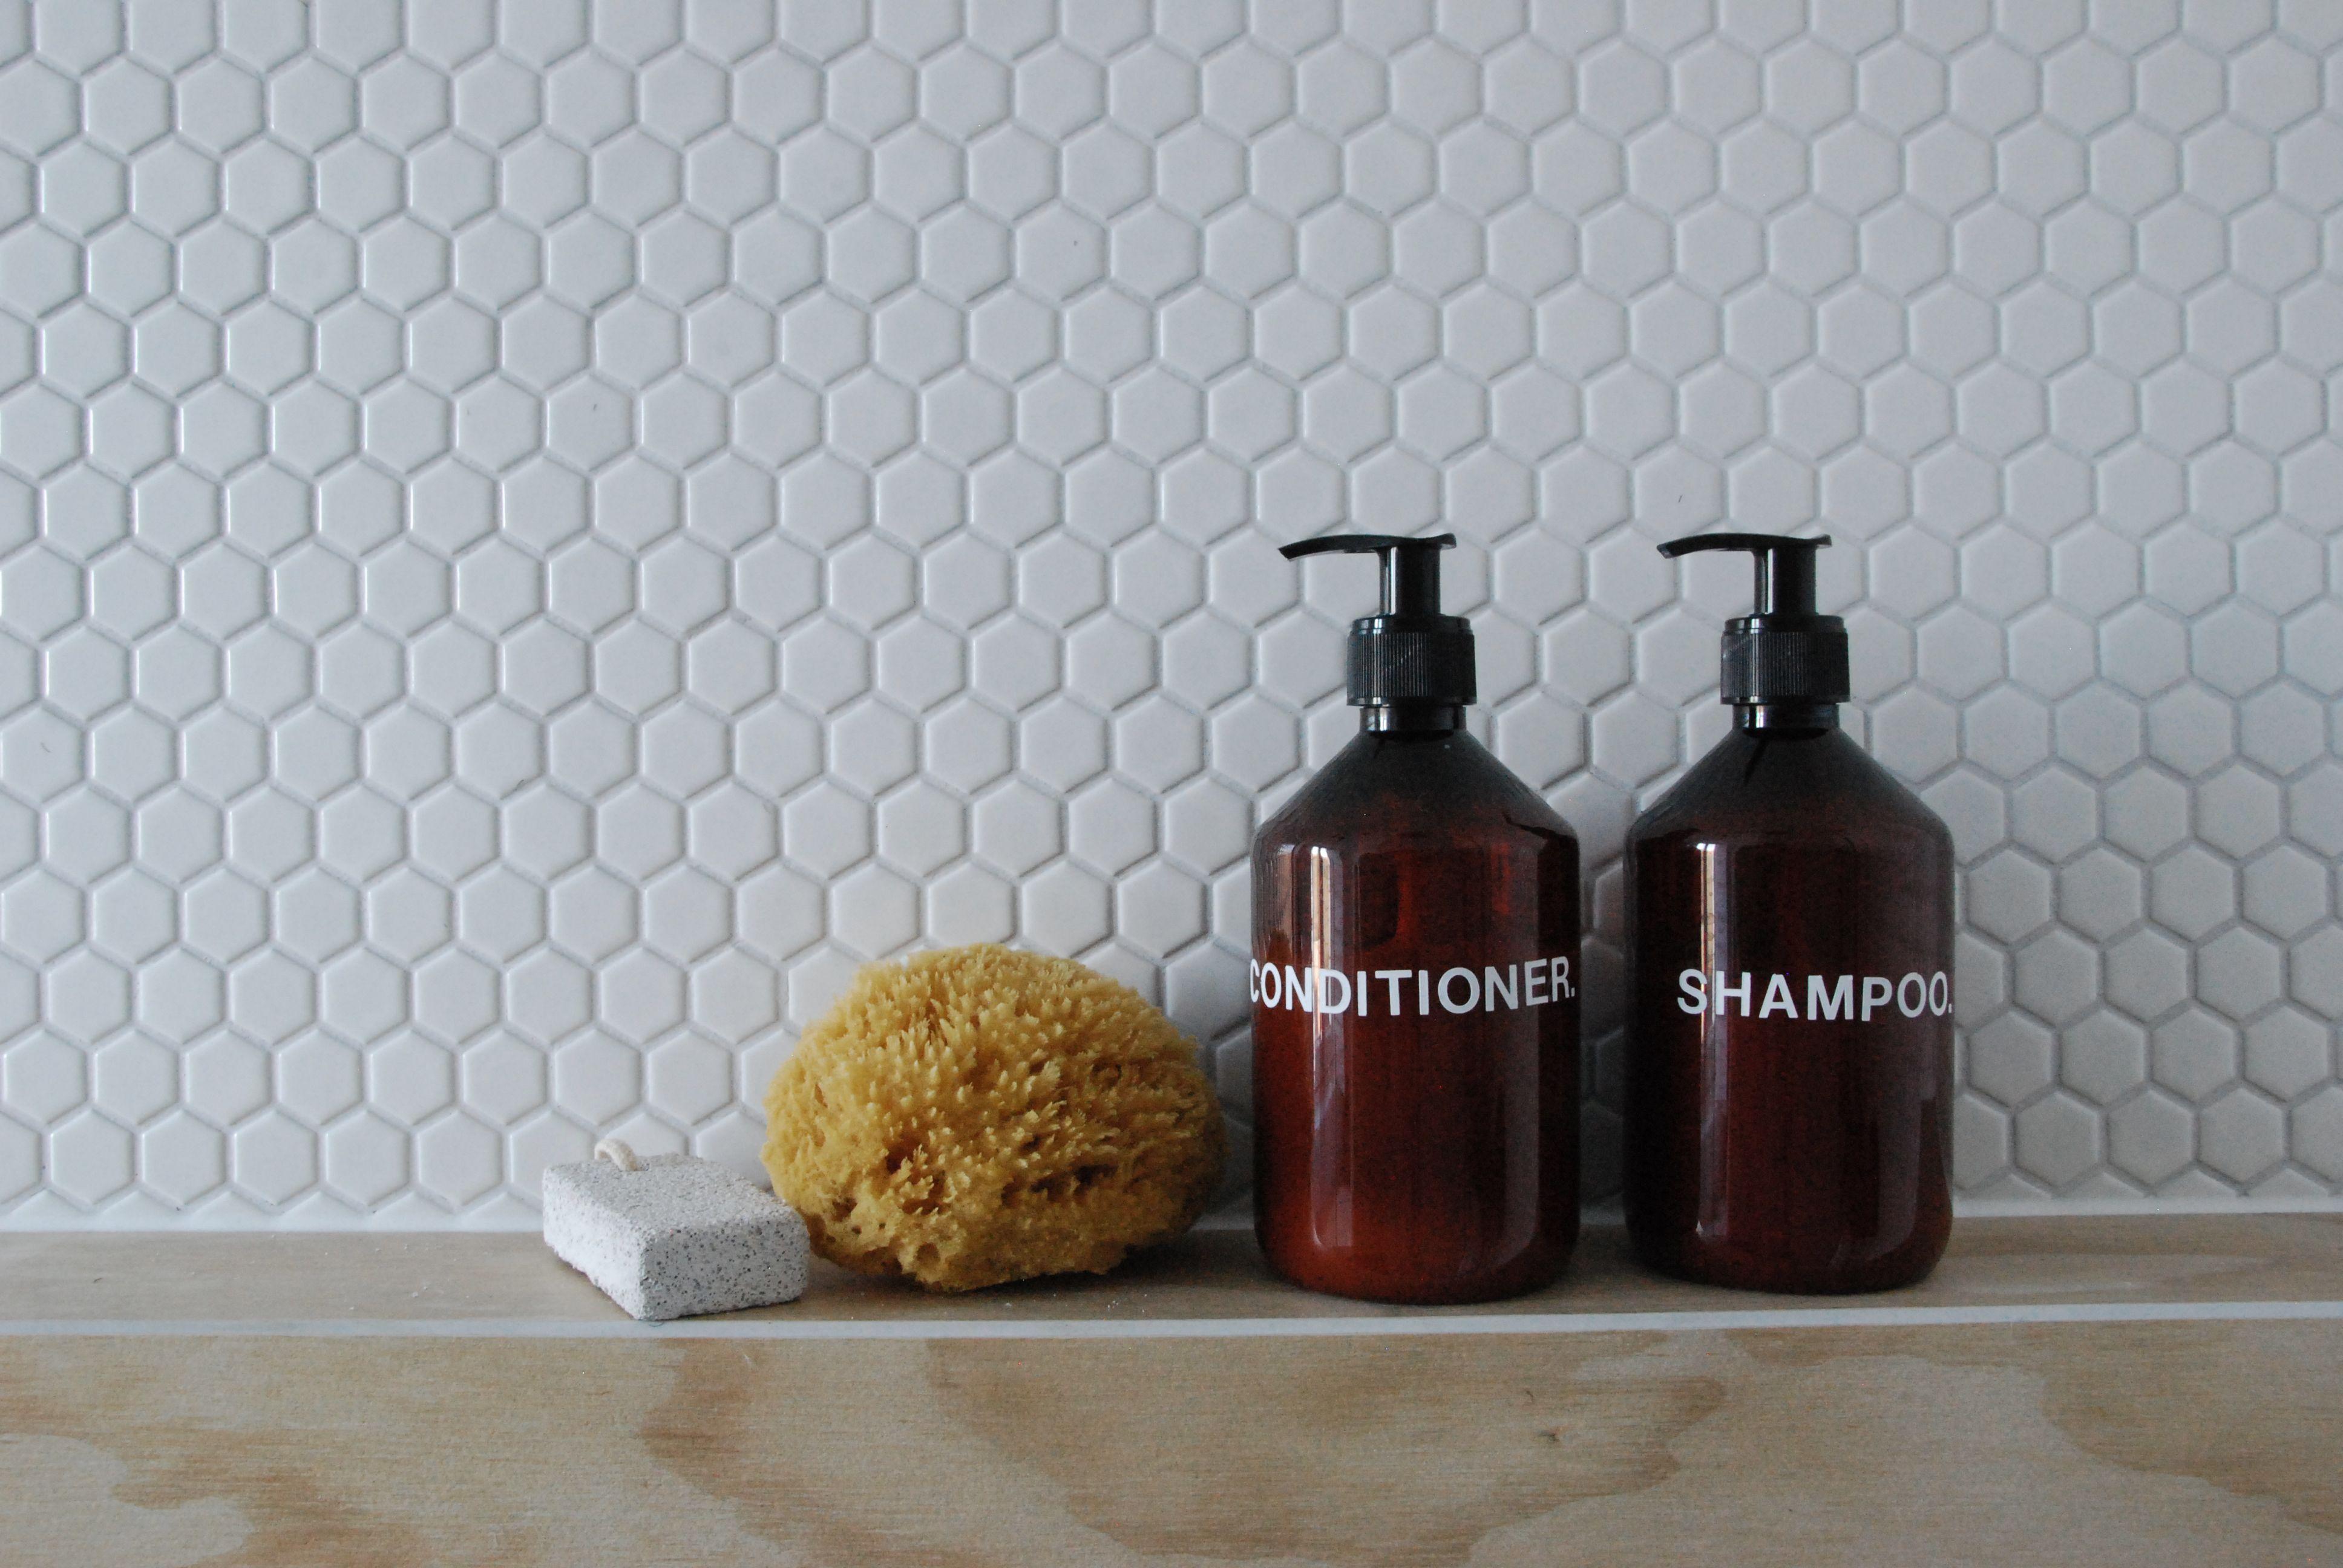 Image result for waar kopen lege flesjes badkamer bathrooms